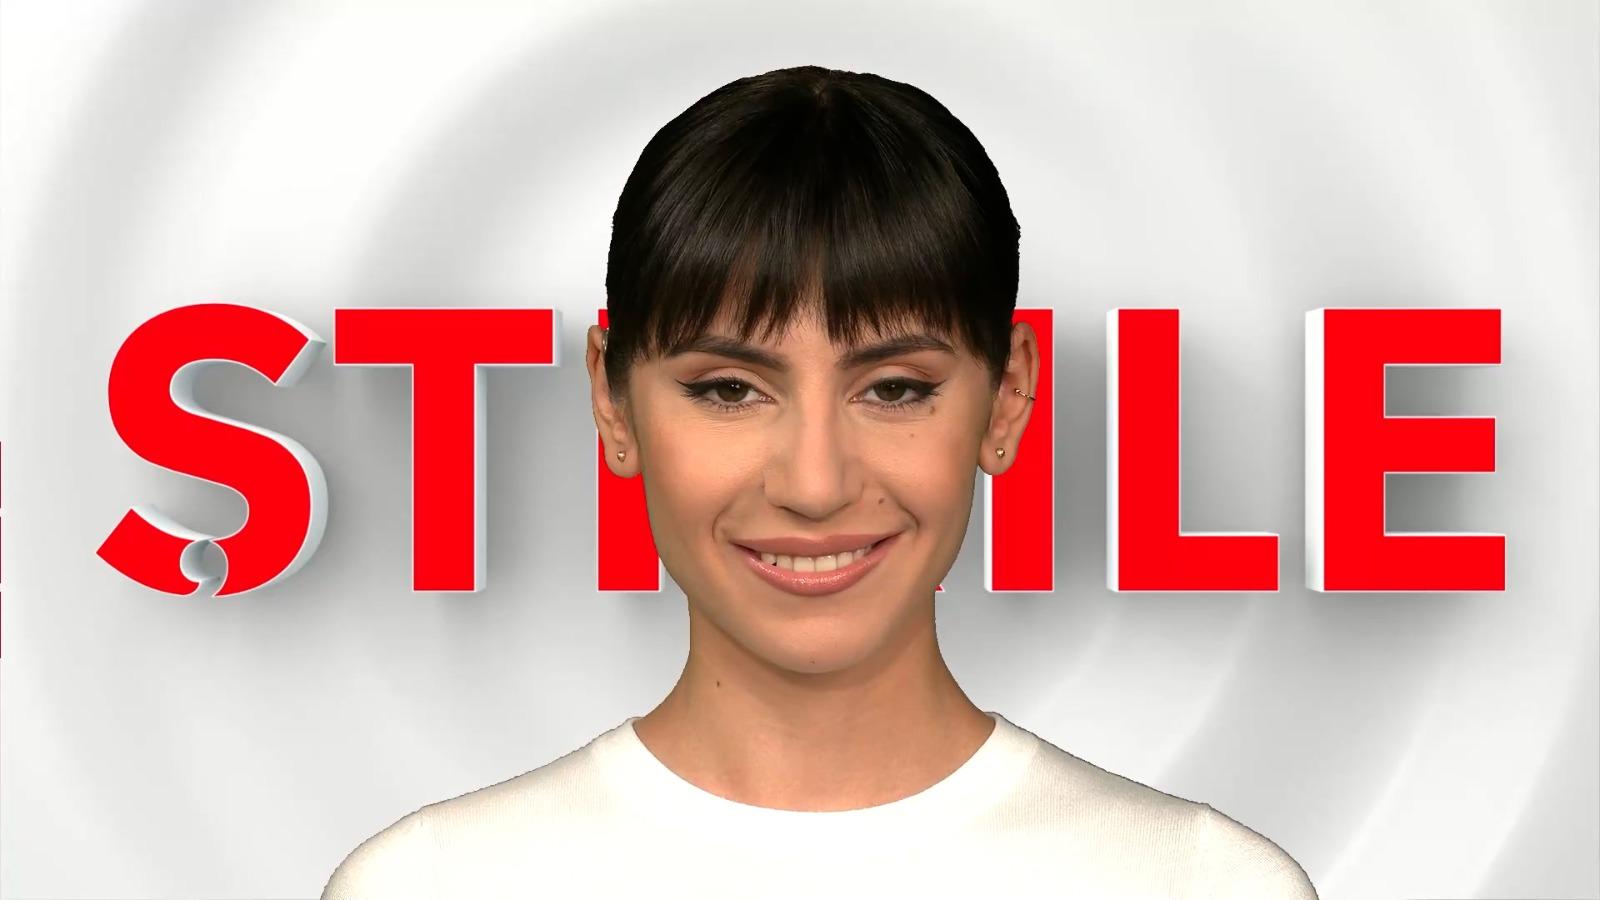 Știrile de la ora 11:00, prezentate de Tamara Ceaicovschi, 23 septembrie 2021